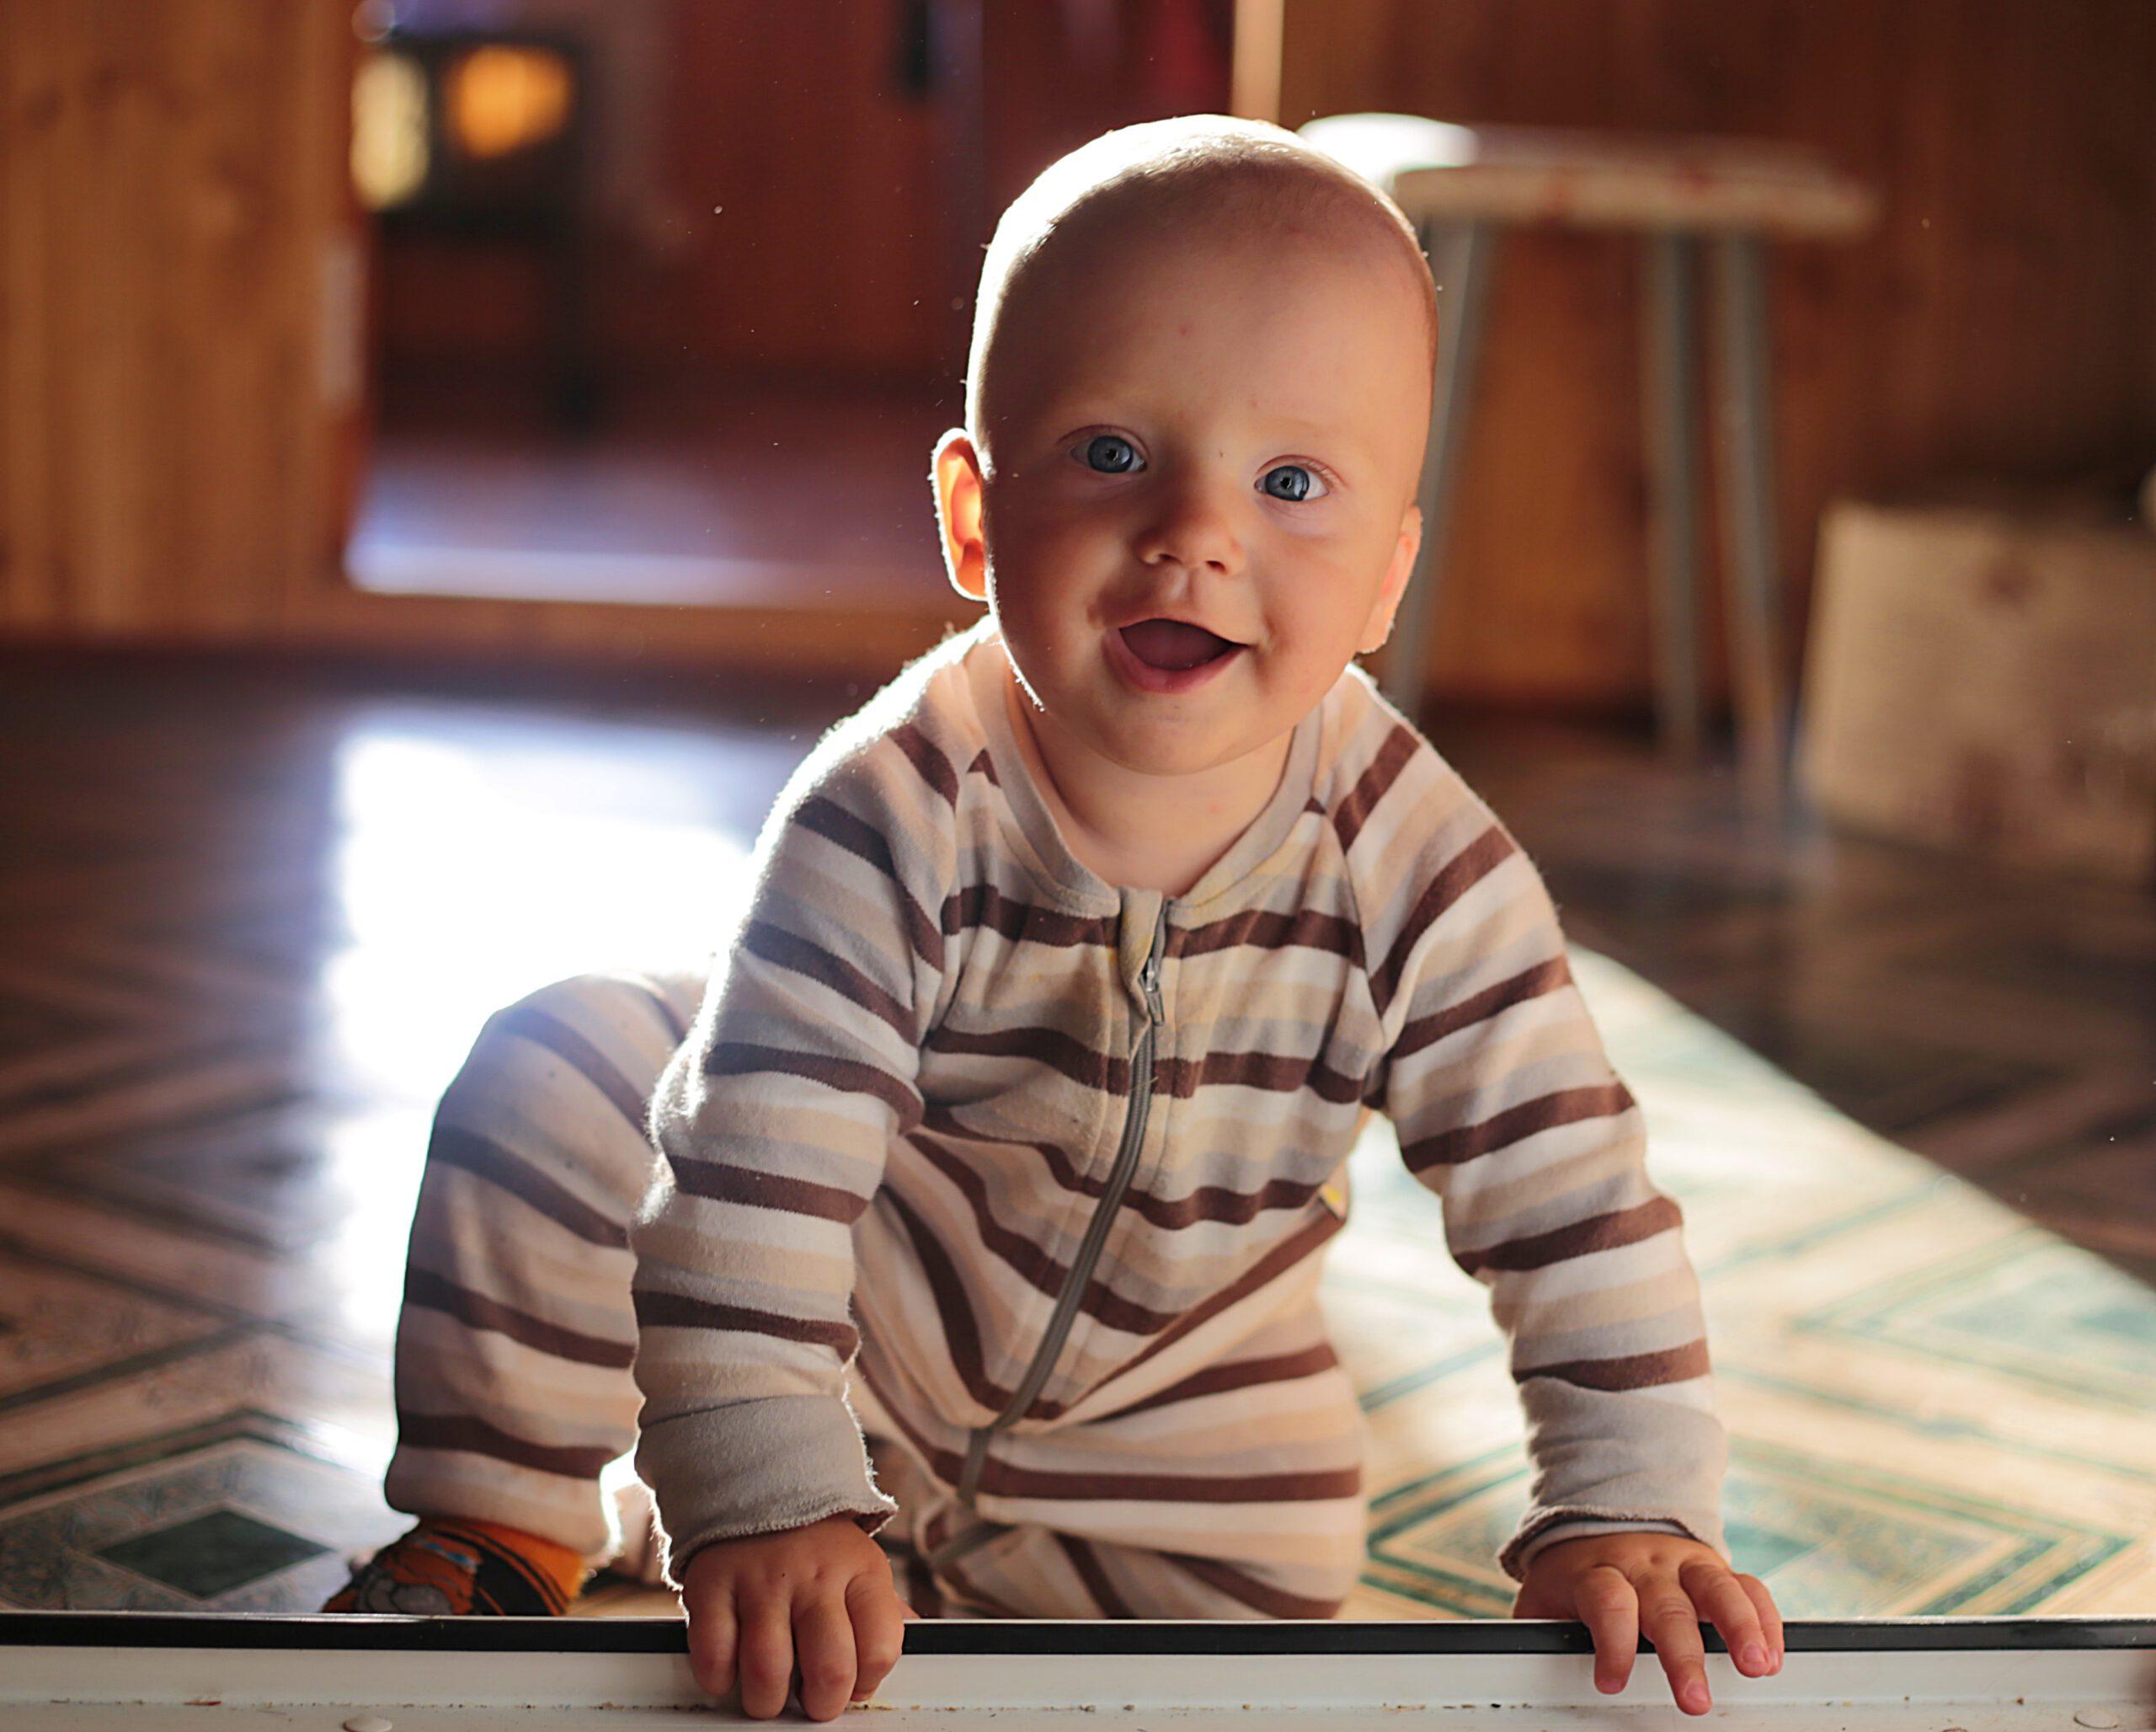 Seguridad en Puertas: ¿Cómo evitar accidentes con los niños?